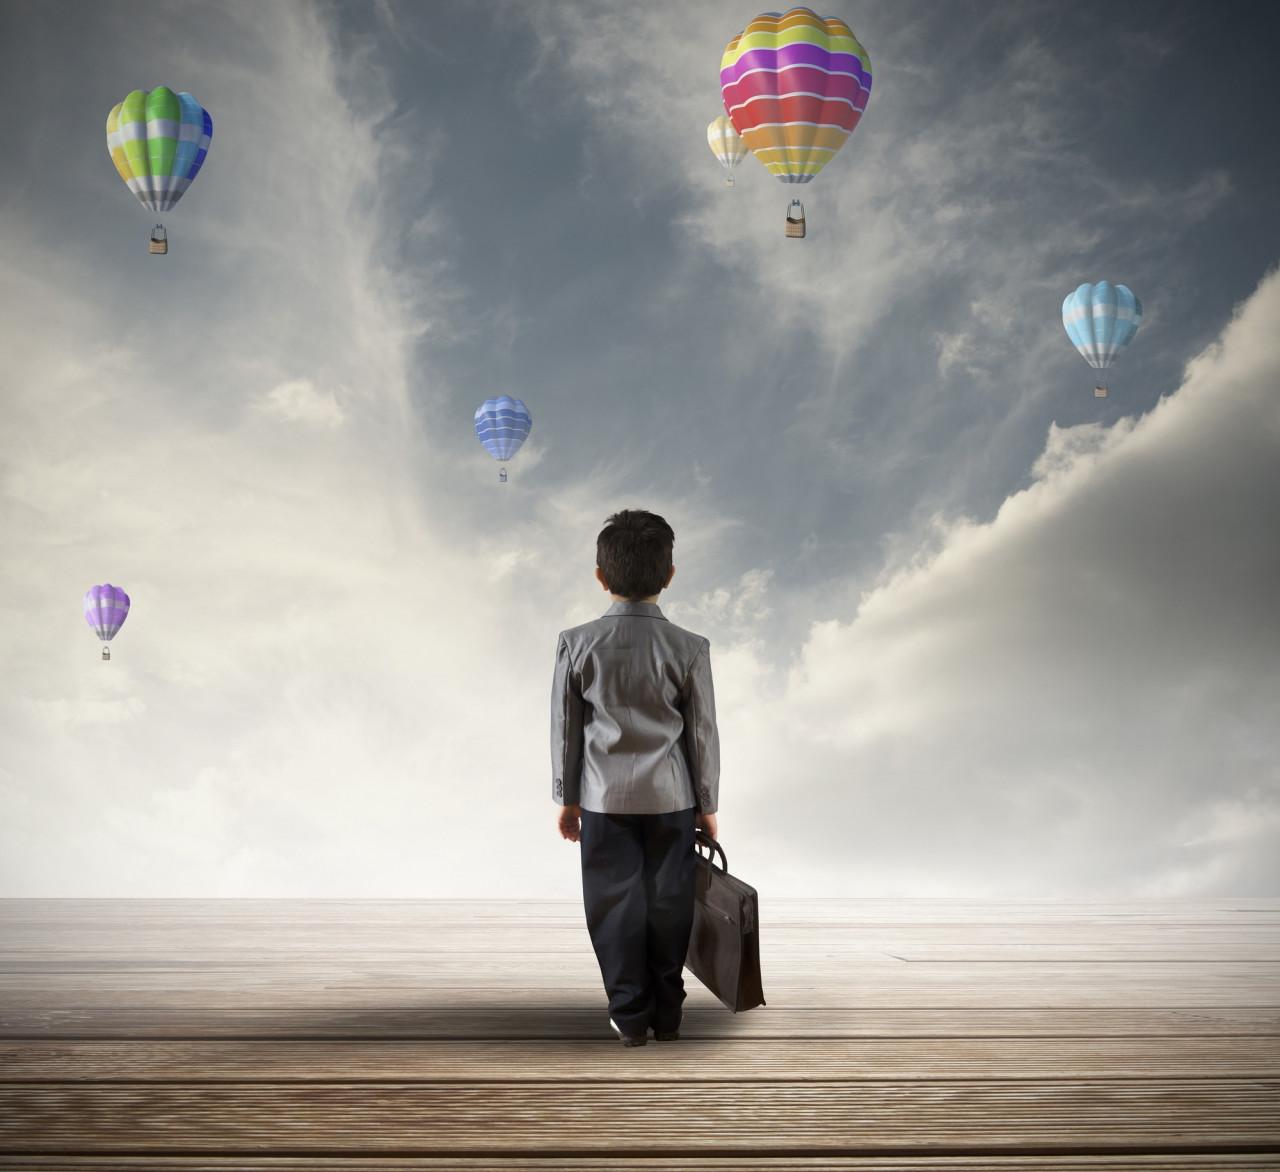 Детские эмоции и улетевший шарик